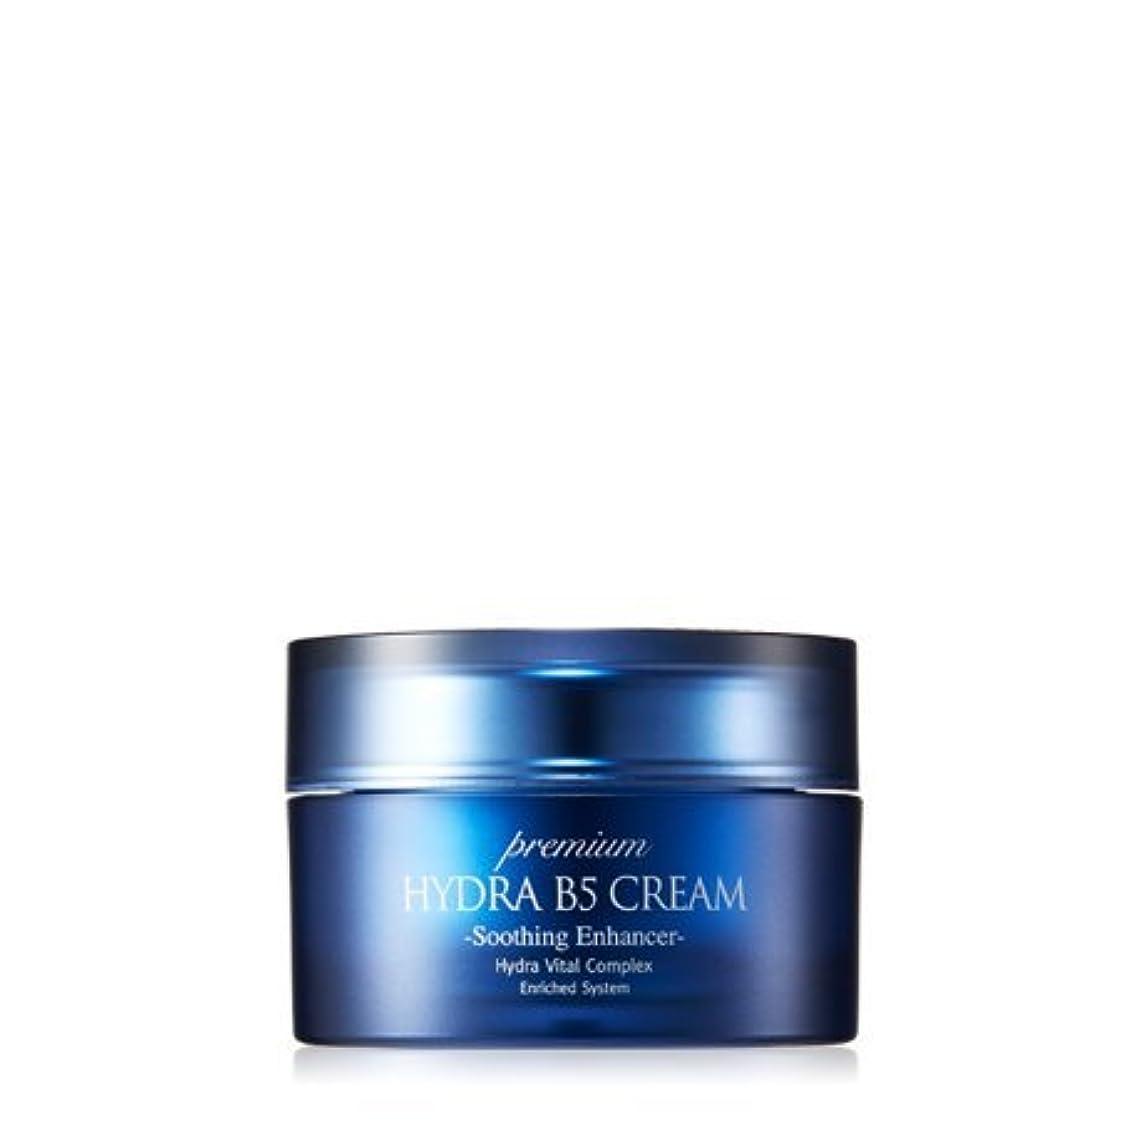 現像エントリミトンA.H.C (AHC) Premium Hydra B5 Cream 50ml/A.H.C プレミアム ハイドラ B5 クリーム 50ml [並行輸入品]